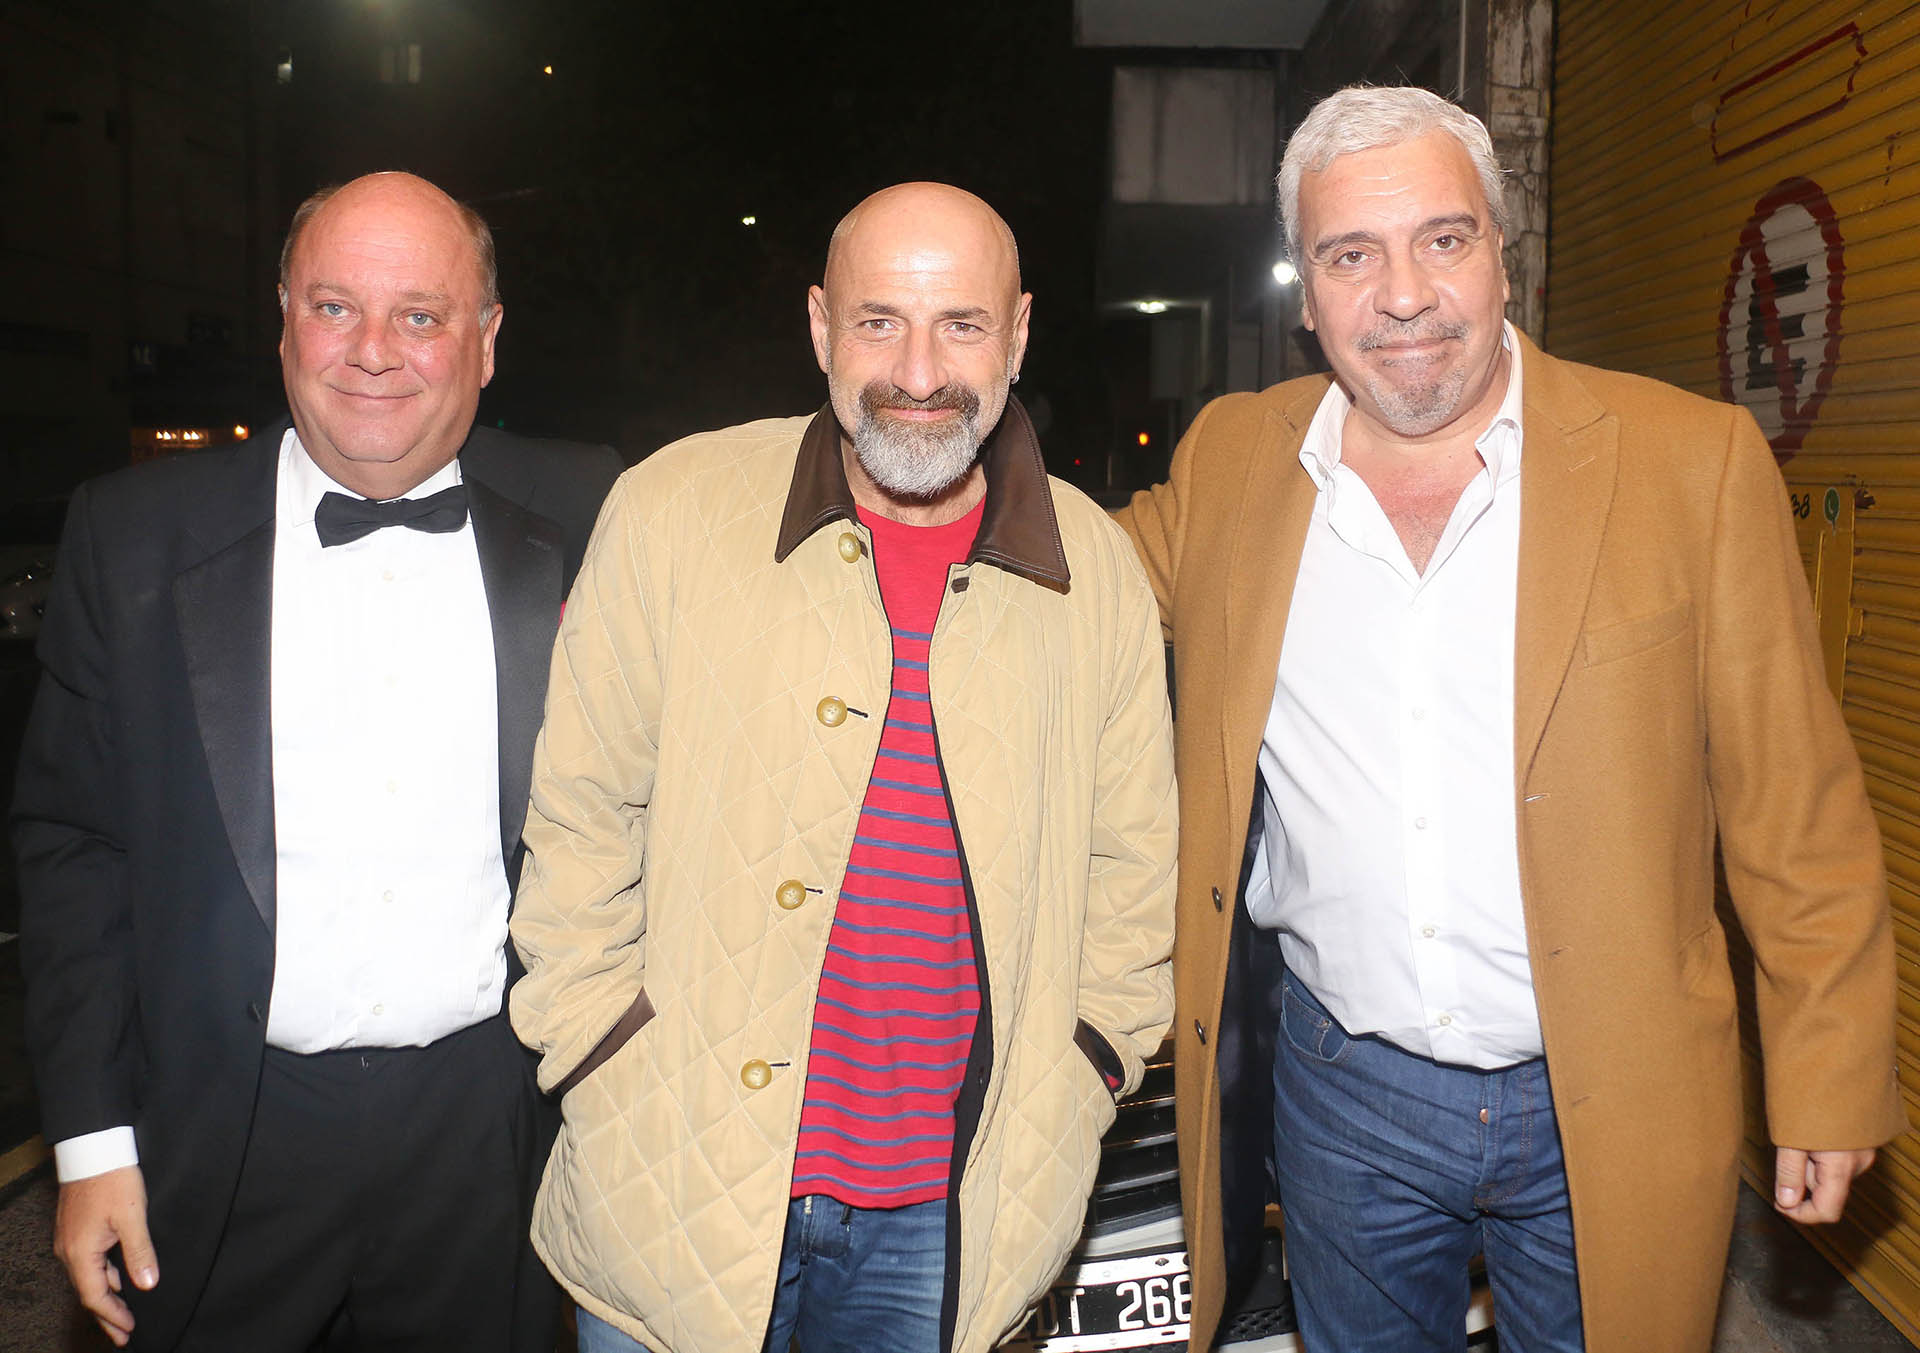 Martín Cabrales, Gustavo Sofovich y Coco Sily